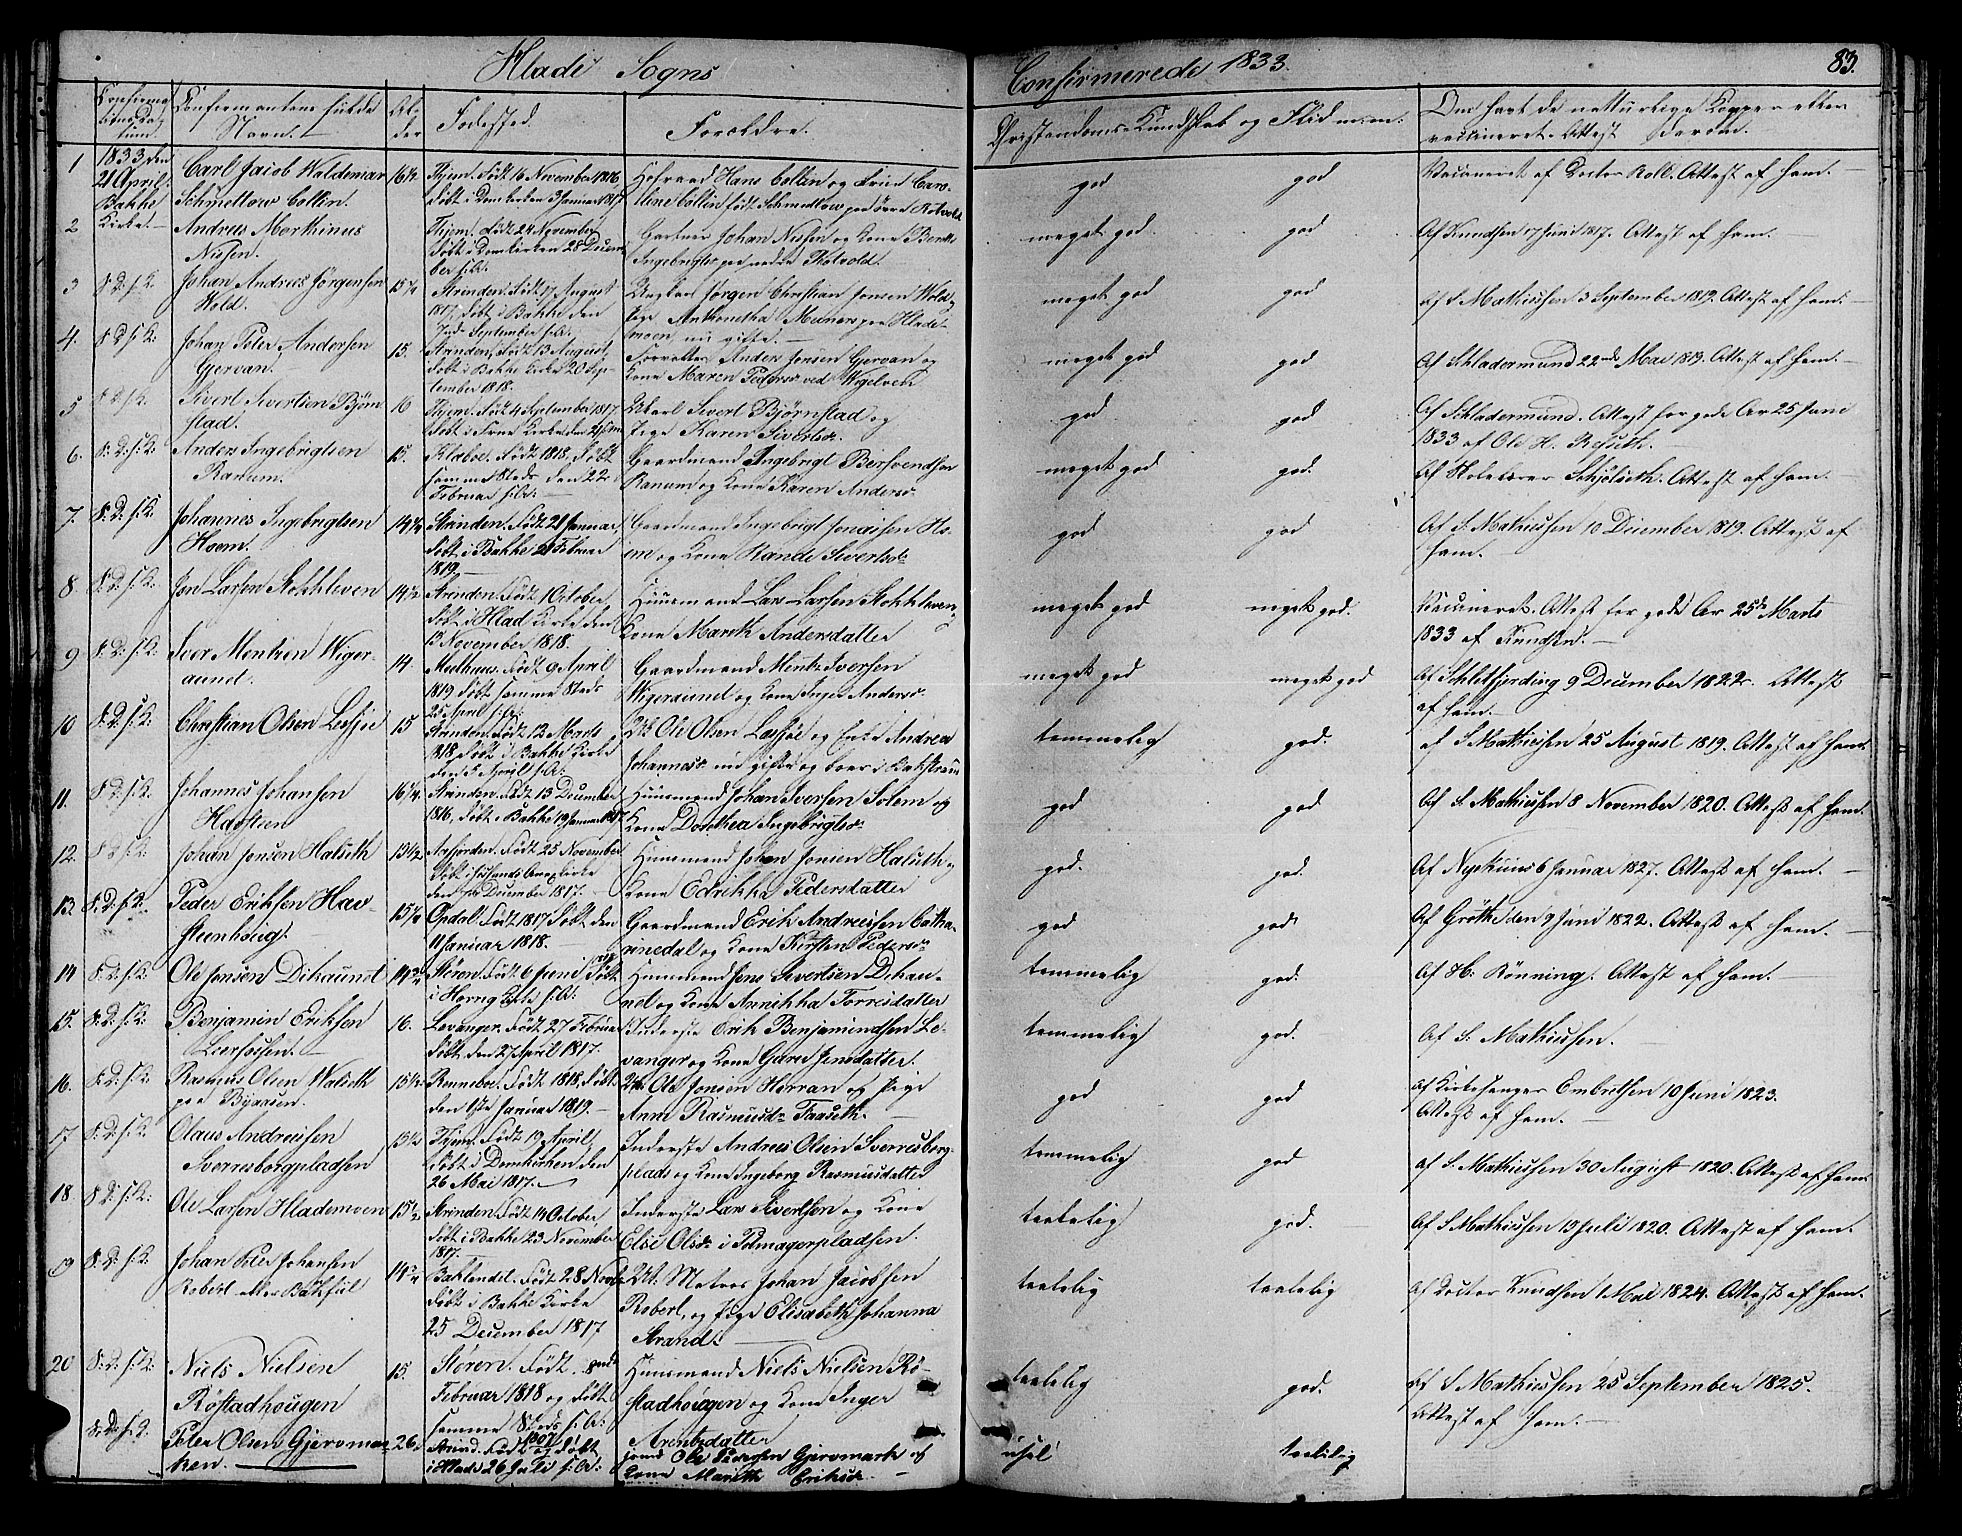 SAT, Ministerialprotokoller, klokkerbøker og fødselsregistre - Sør-Trøndelag, 606/L0308: Klokkerbok nr. 606C04, 1829-1840, s. 83